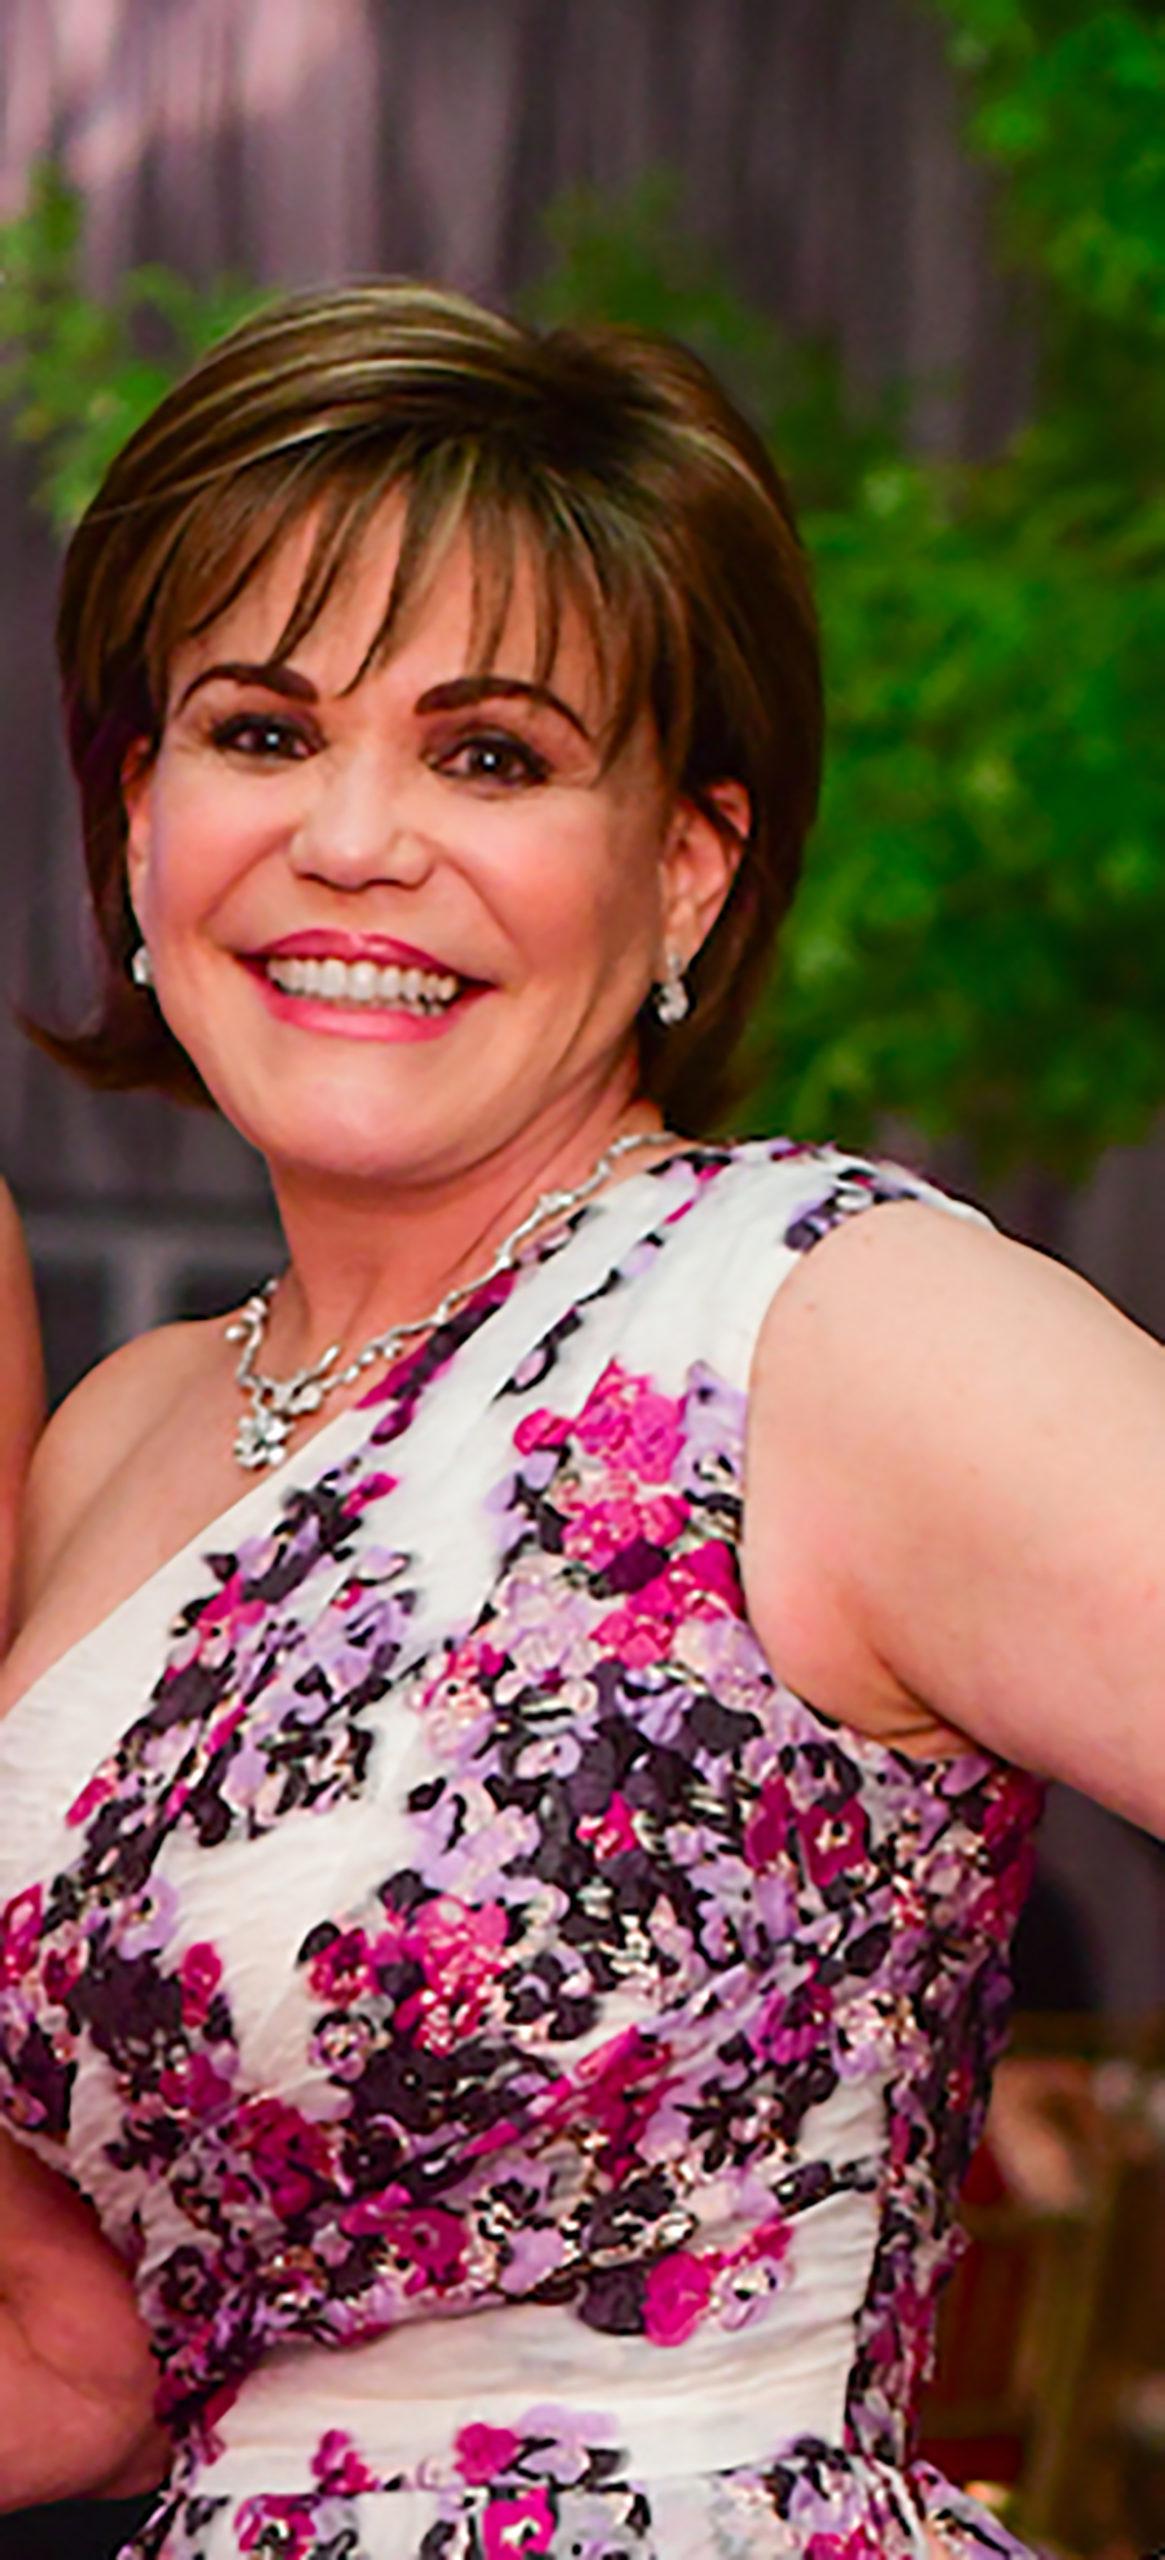 Hallie Vanderhider